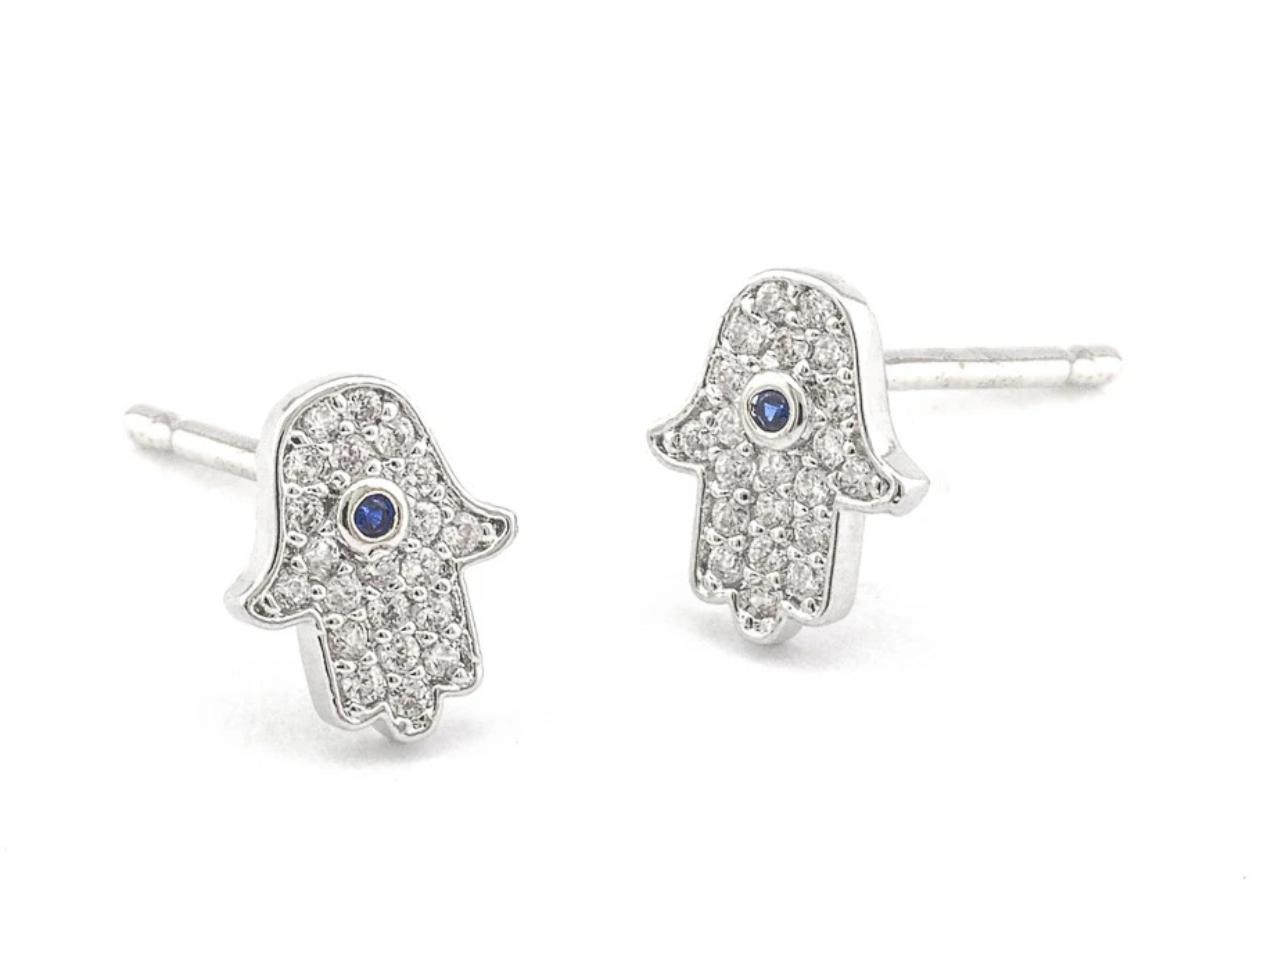 tai Silver cubic zirconia MINI hamsa stud earring